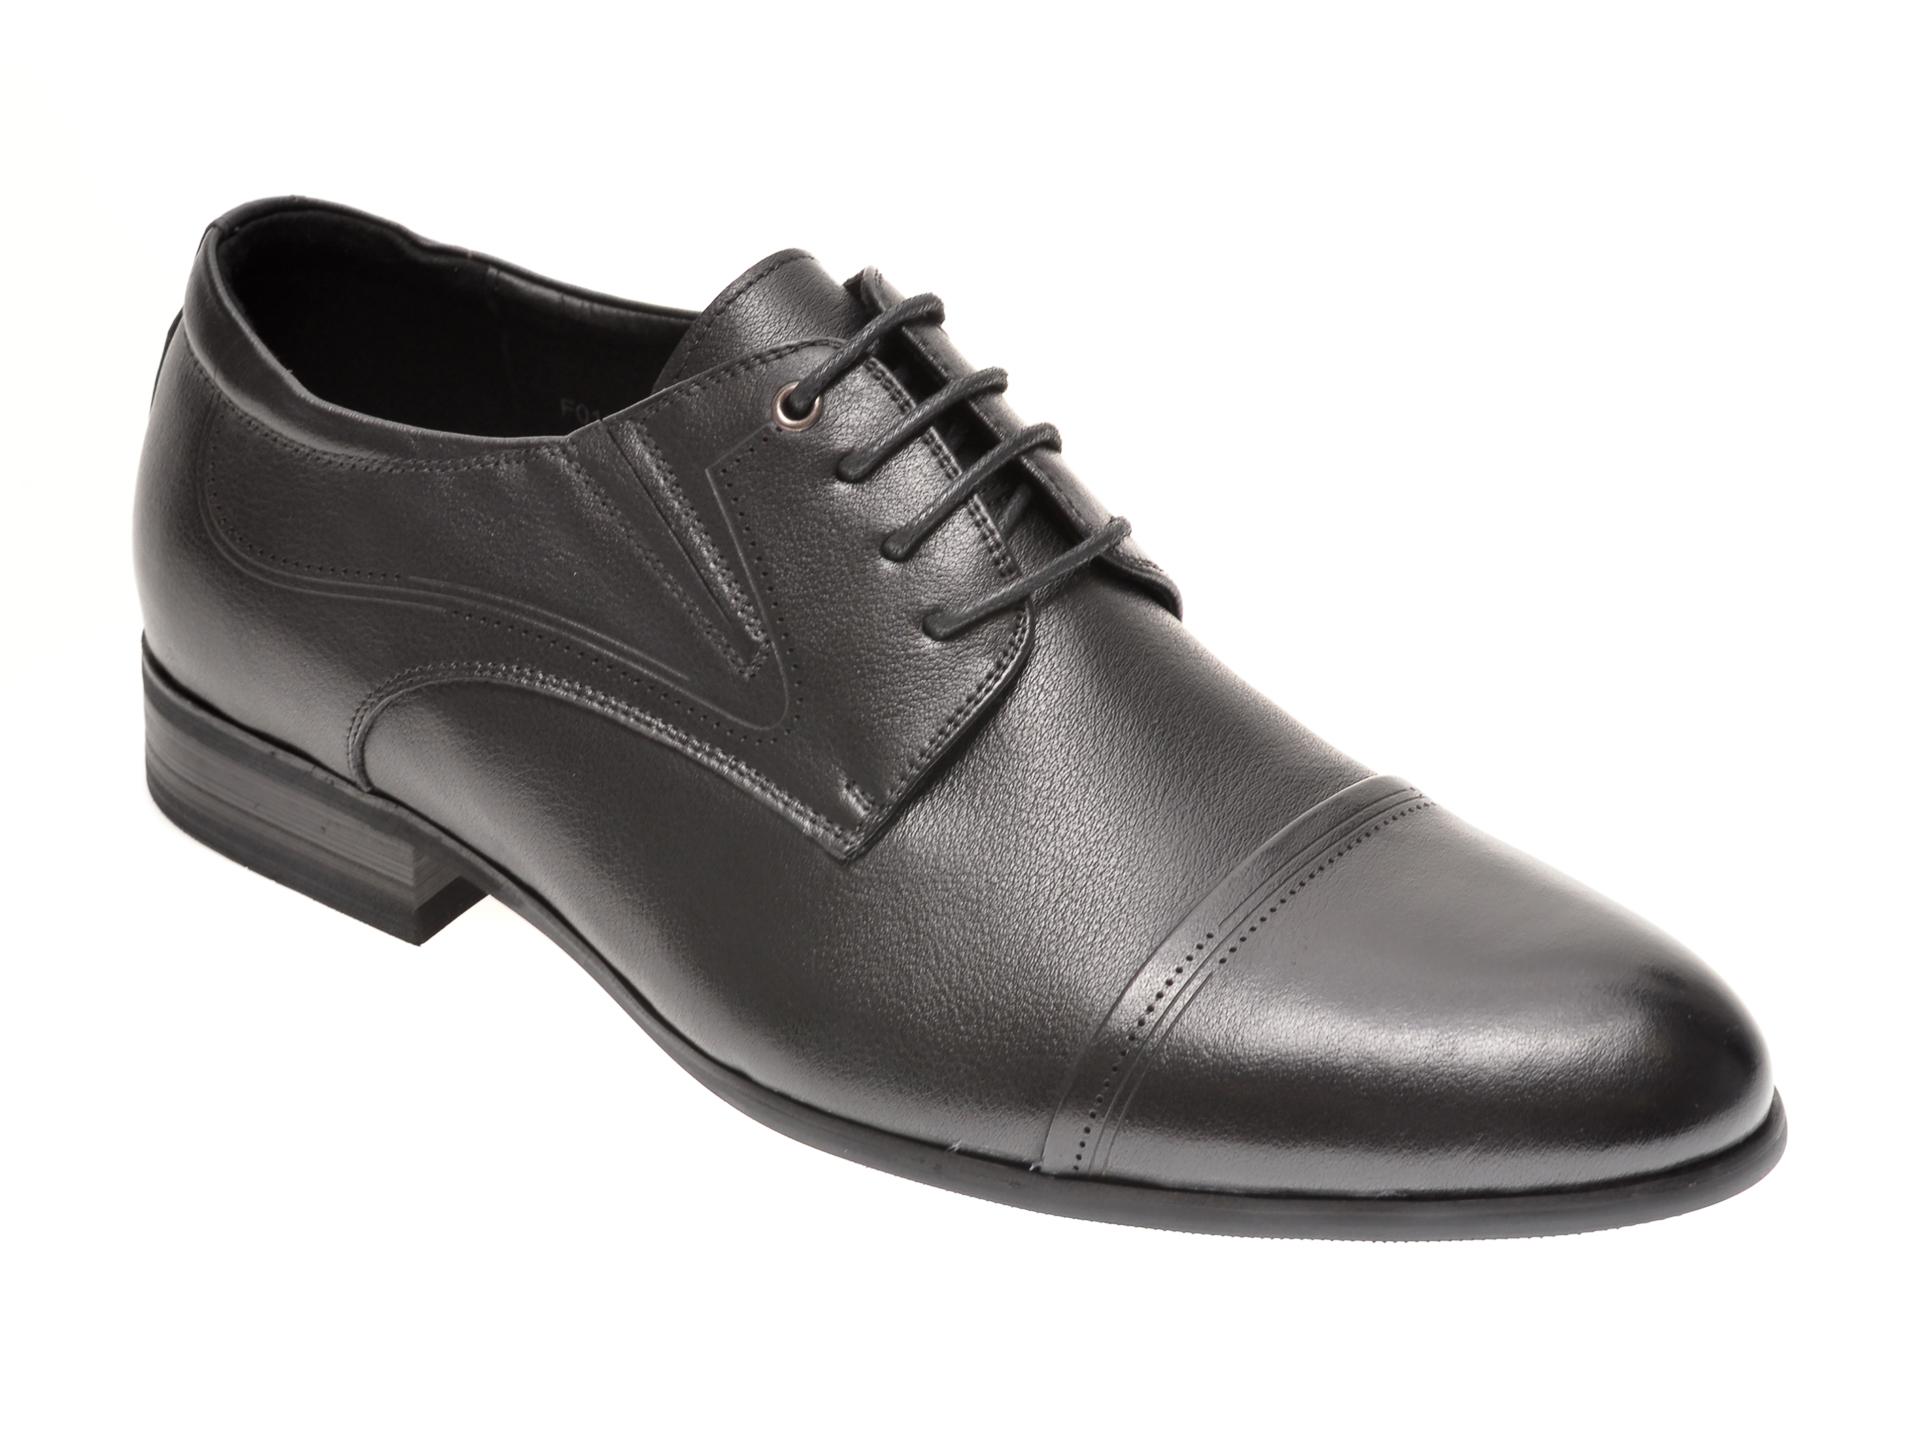 Pantofi OTTER negri, F01891, din piele naturala imagine otter.ro 2021